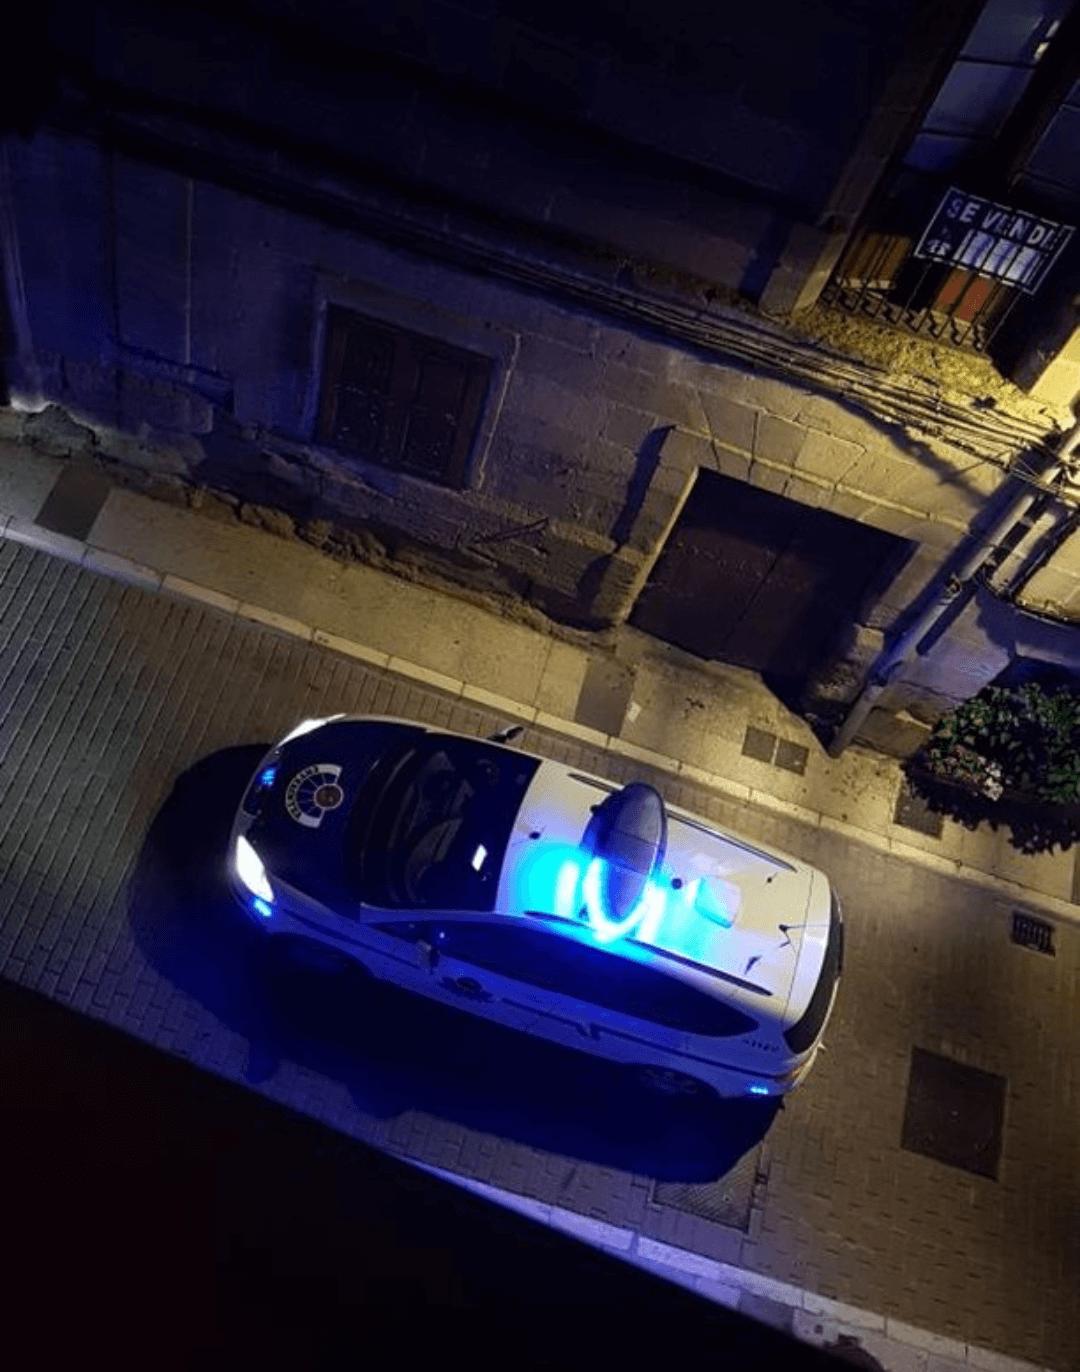 Un incendio en un portal de una vivienda en Labastida obliga a evacuar a cinco personas a través del balcón 3